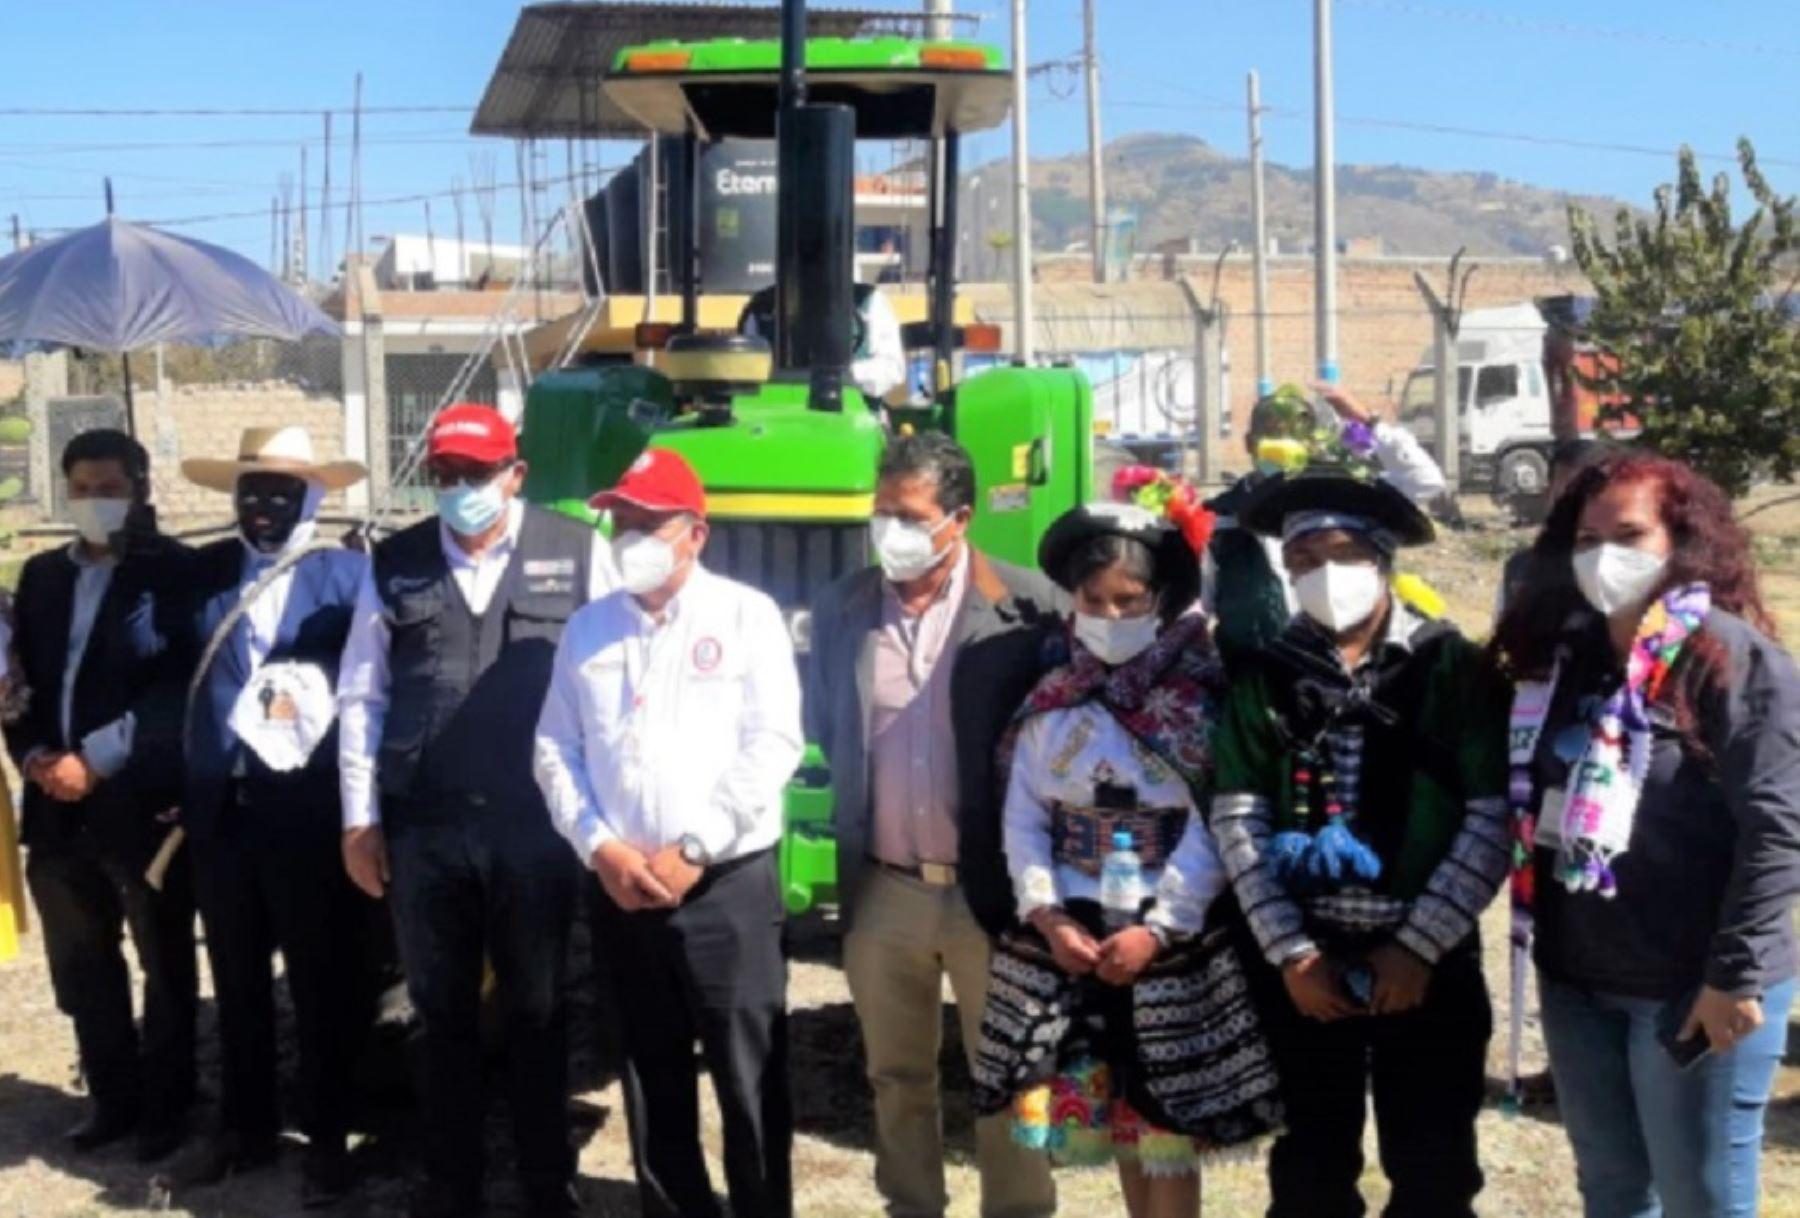 Con el objetivo de brindar mejores servicios en la mecanización agrícola e incrementar la frontera de cultivos, Agro Rural, unidad ejecutora del Ministerio de Desarrollo Agrario y Riego, viene entregando 12 tractores con sus implementos de arados, rastras y surcadores, distribuidos a los gobiernos locales de Ayacucho y Huancavelica.